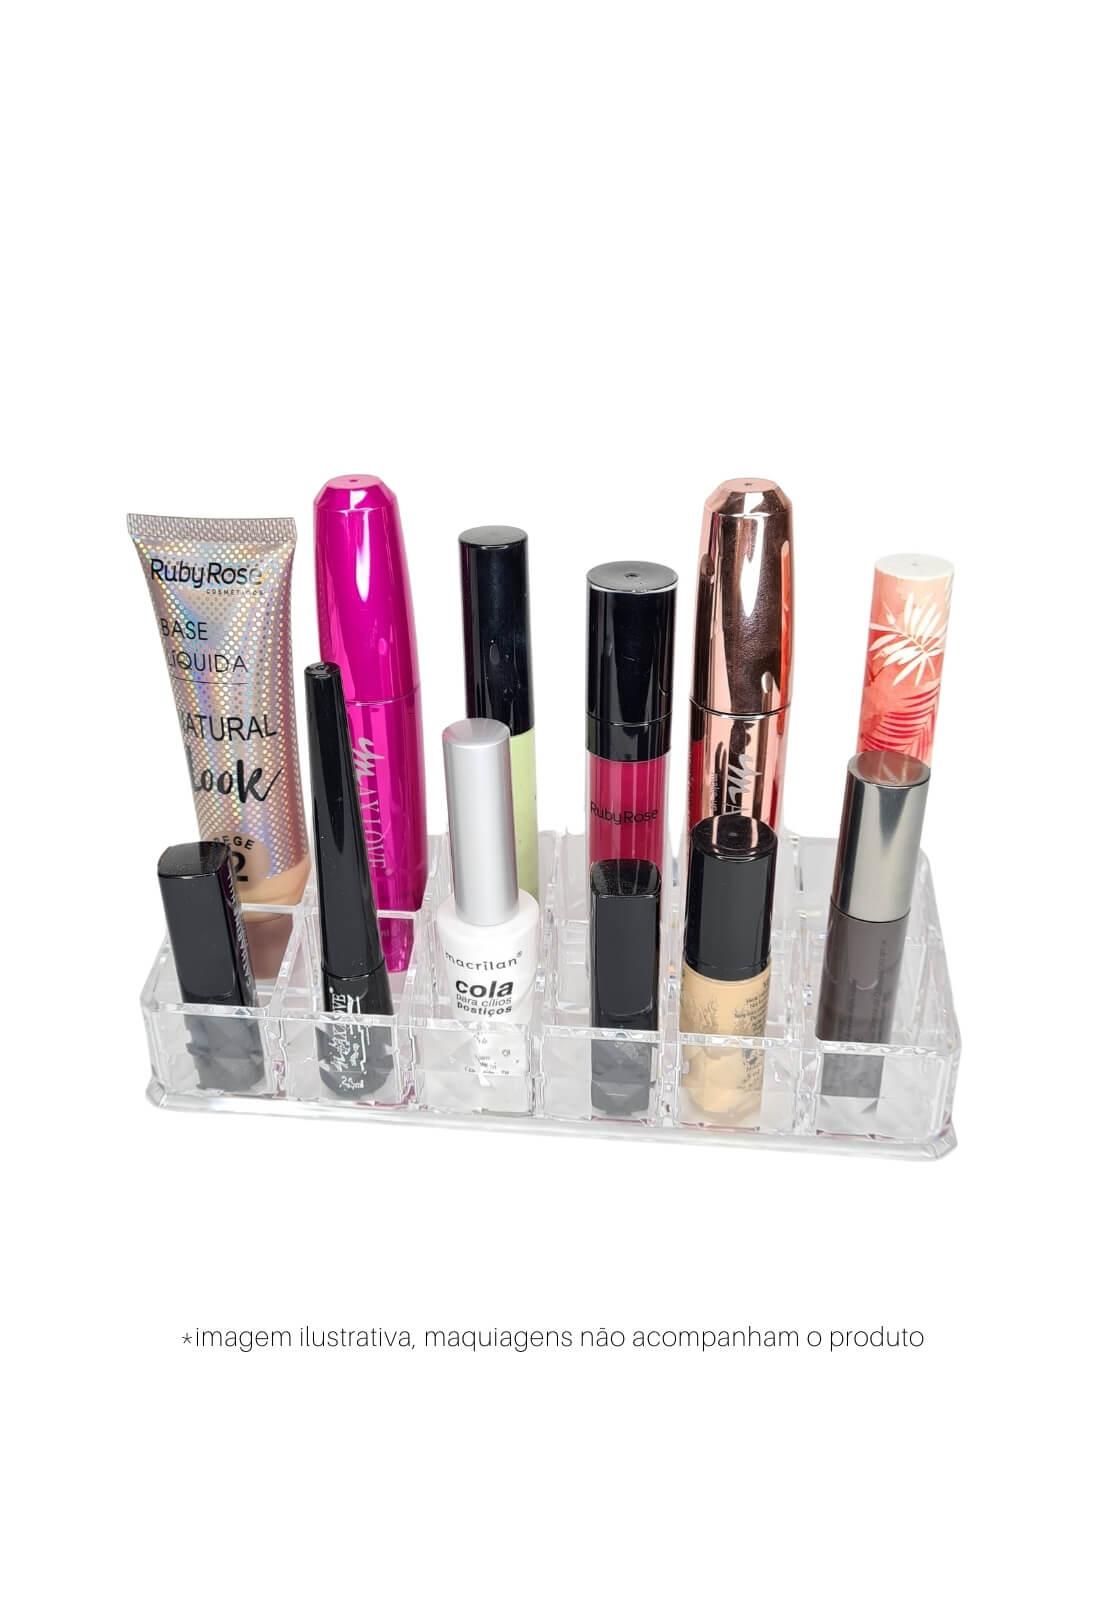 Organizador de maquiagens porta batom